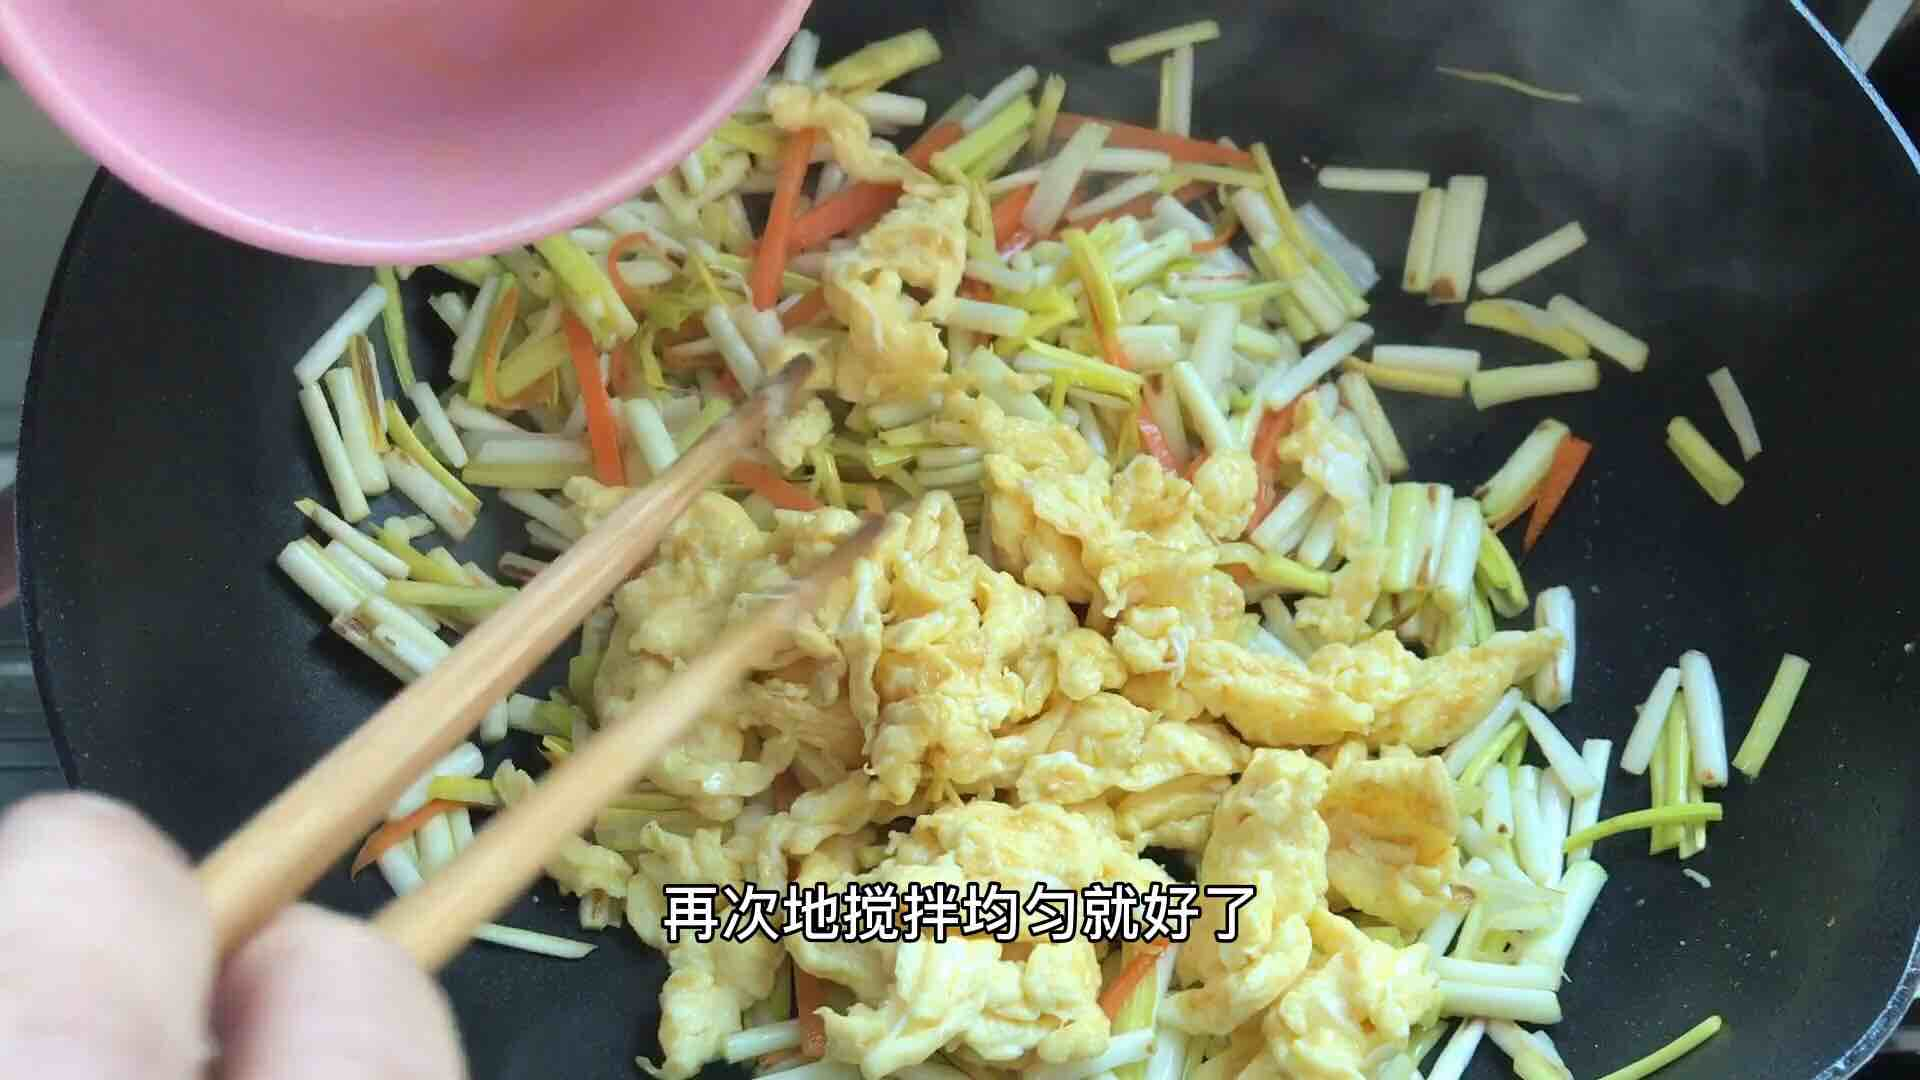 蒜黄炒鸡蛋,自带清香,简单又营养,5分钟上桌怎么煮